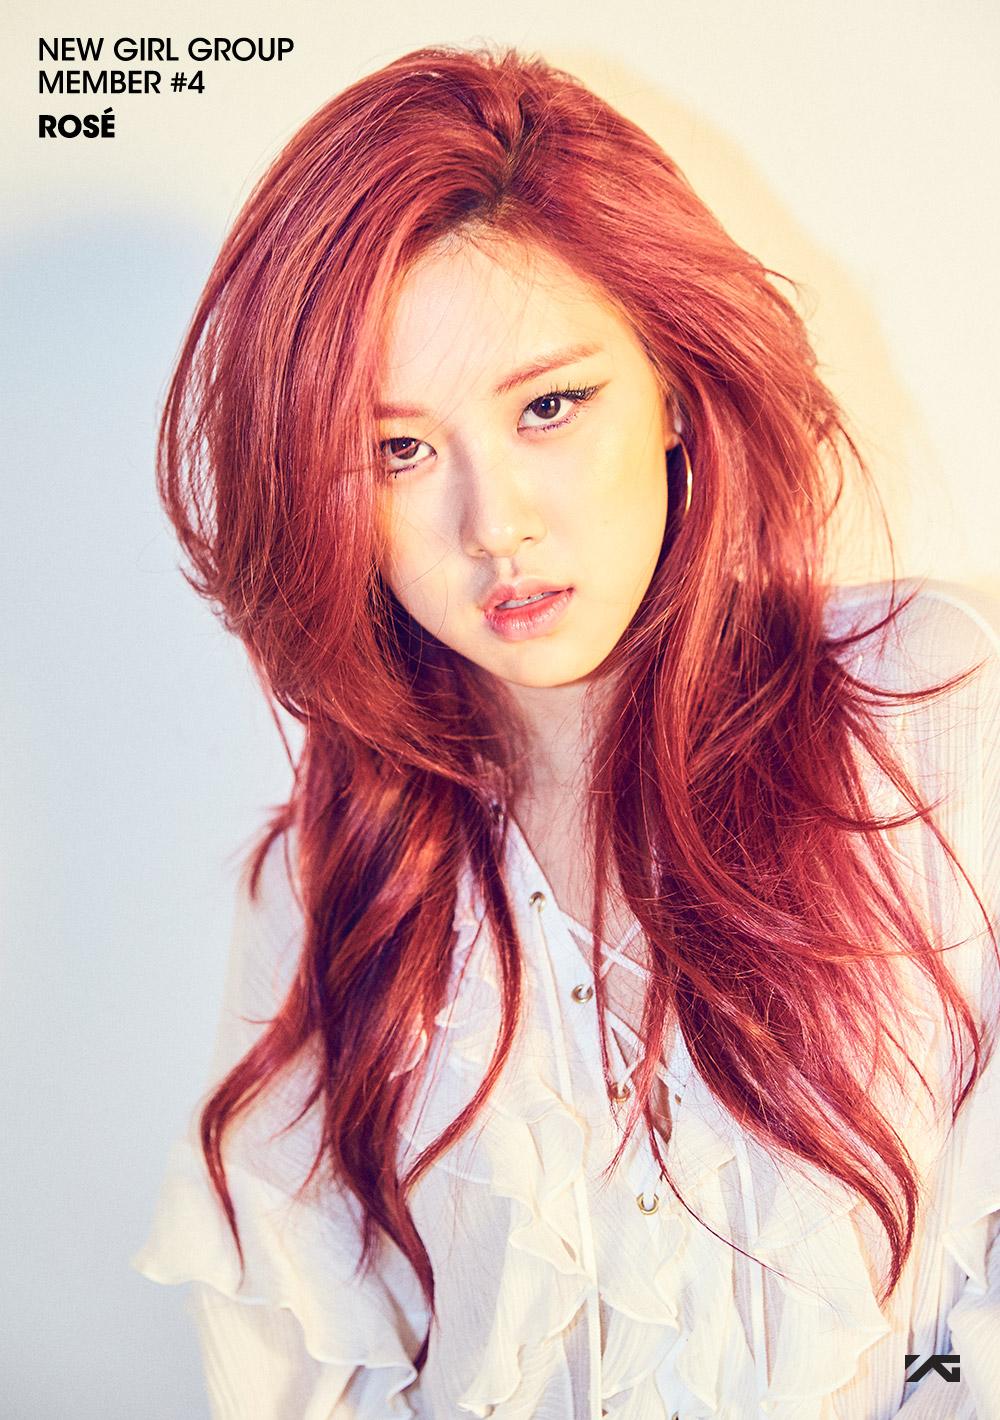 Yg Reveals Teasers For New Girl Group Member Rose Soompi